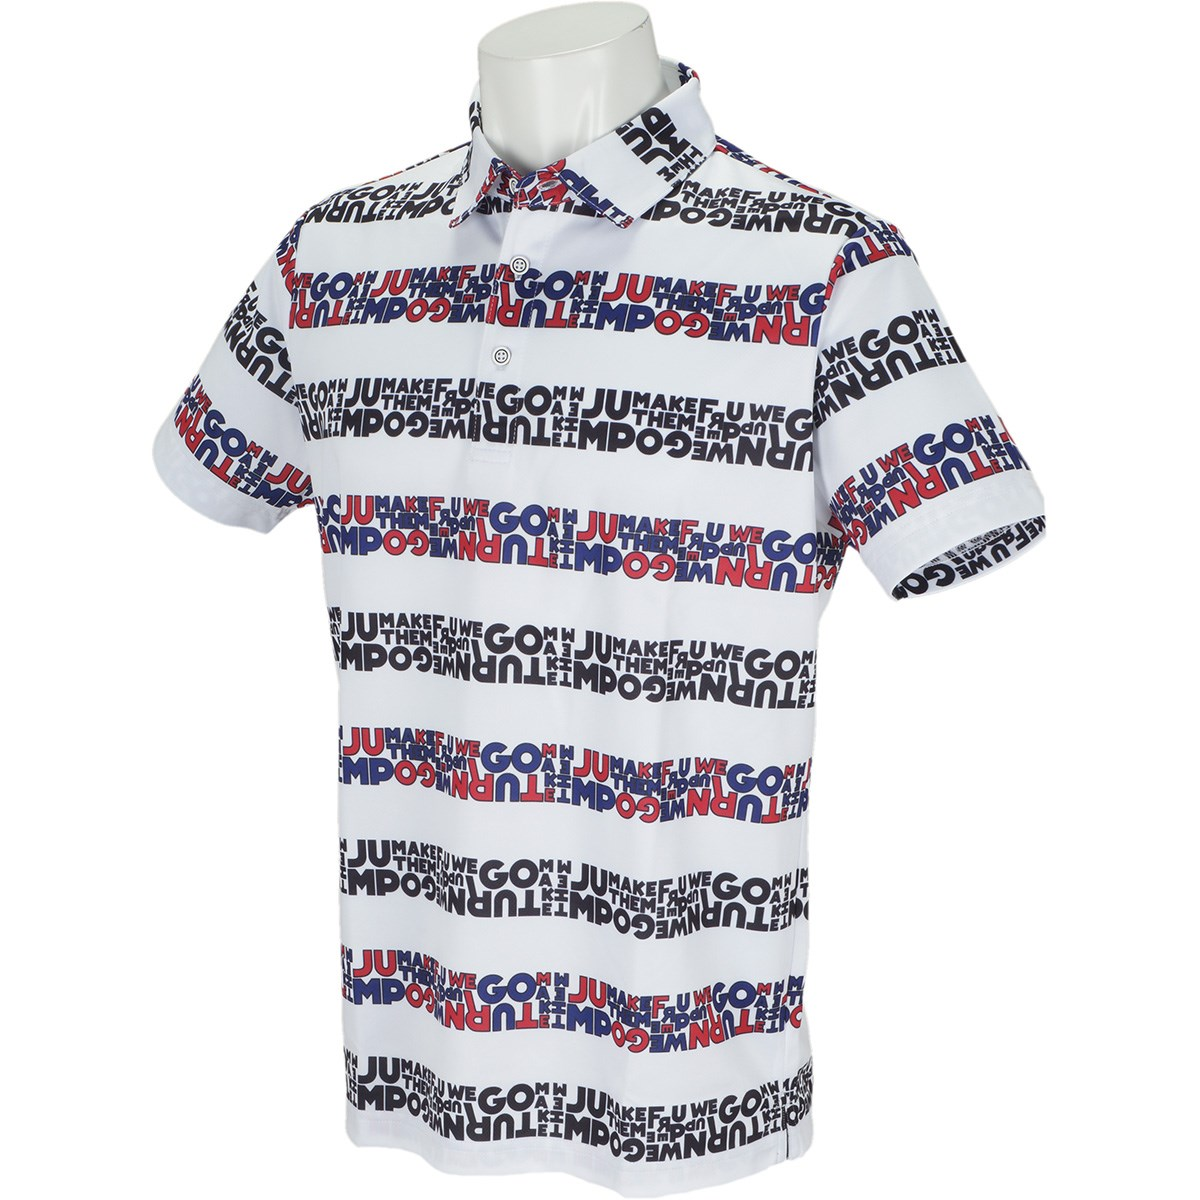 ビバハート VIVA HEART Lylicボーダープリント BackMesh 半袖ポロシャツ 48(M) オフホワイト 005